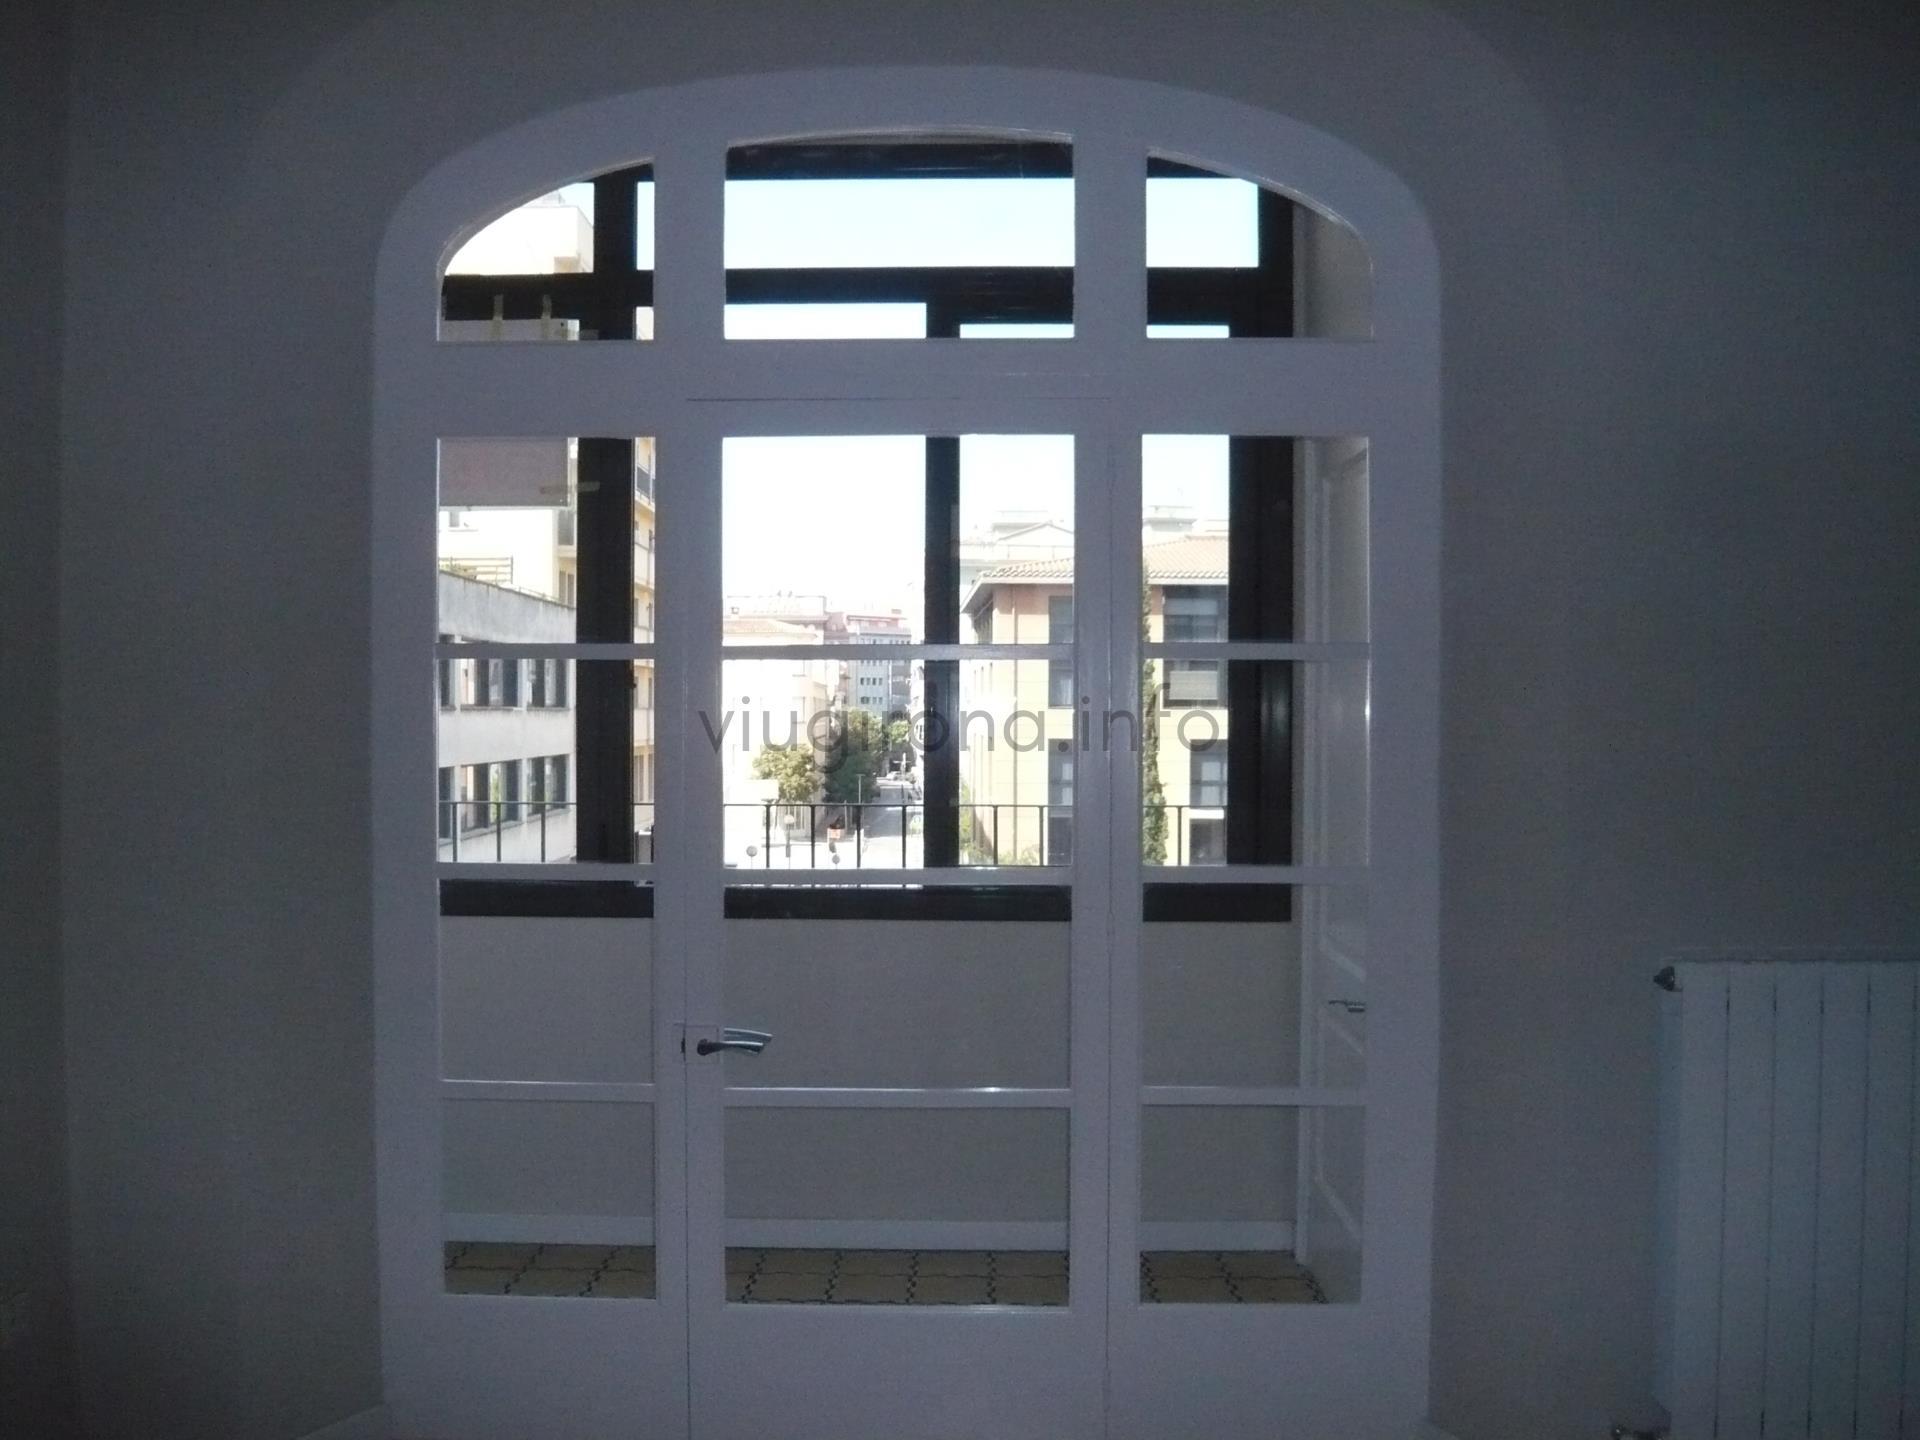 Alquiler Piso  Carrer nou. Piso de 4 habitaciones totalmente reformado y en el centro de gi